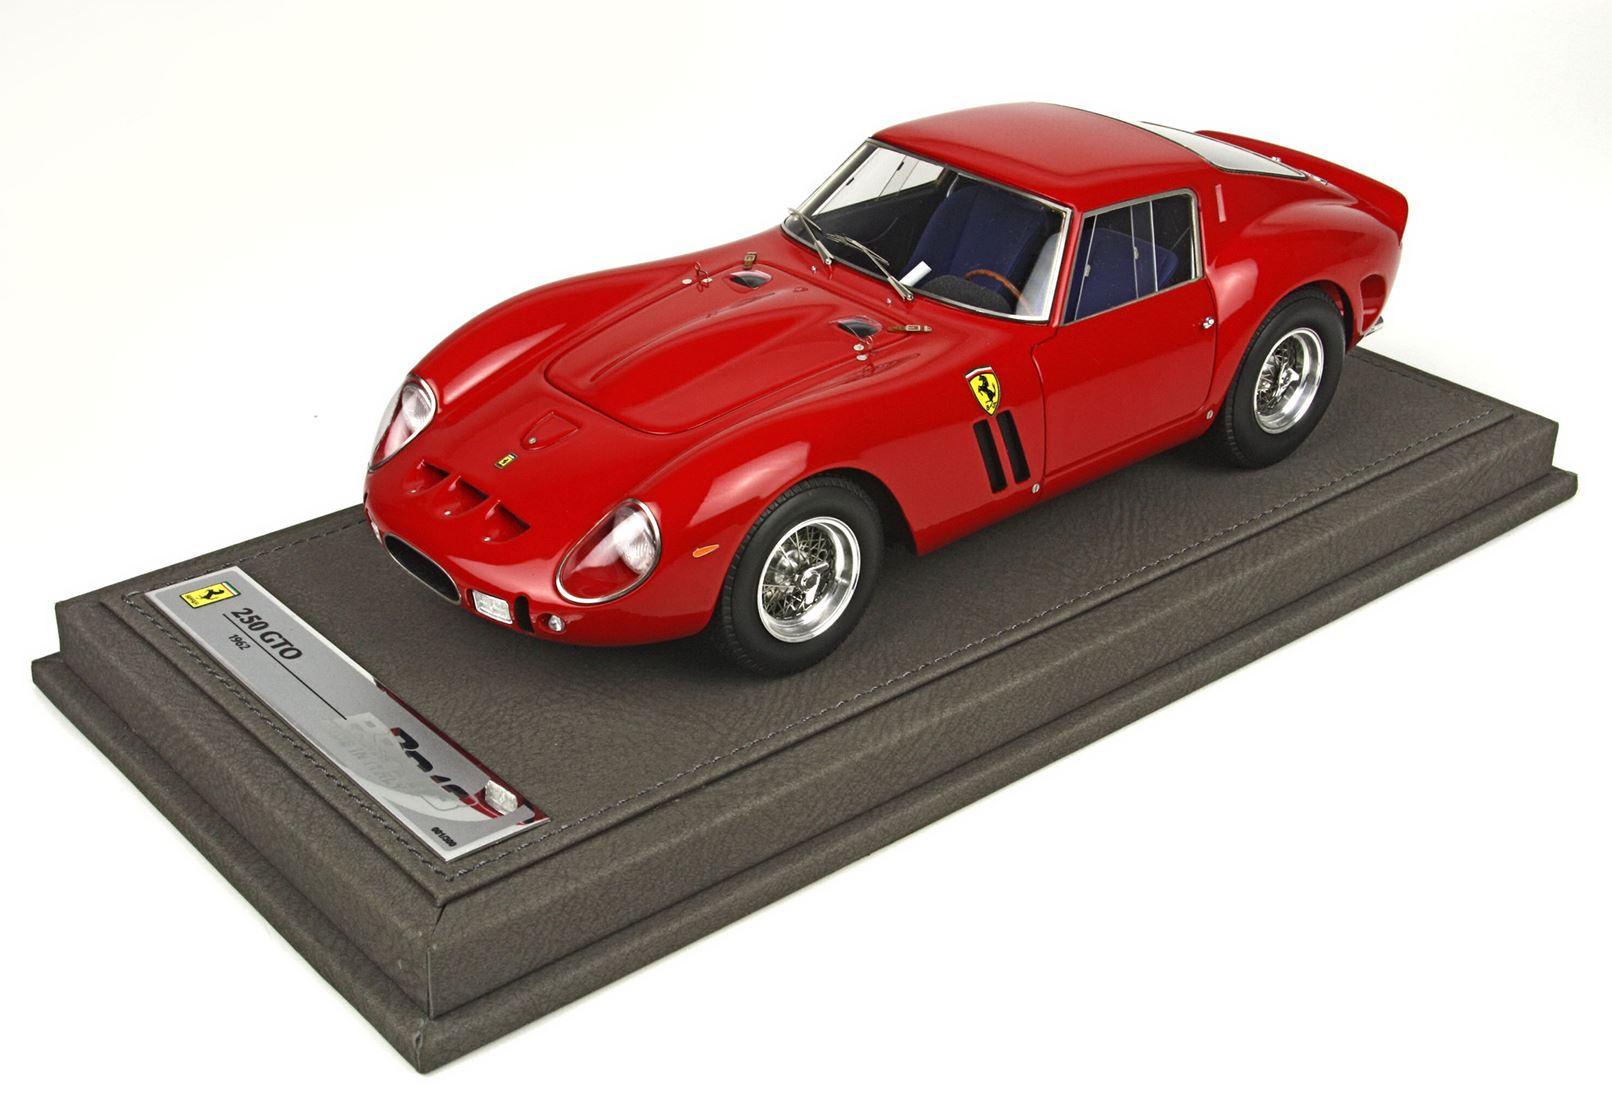 Ferrari 250 GTO Red 1962 1/18